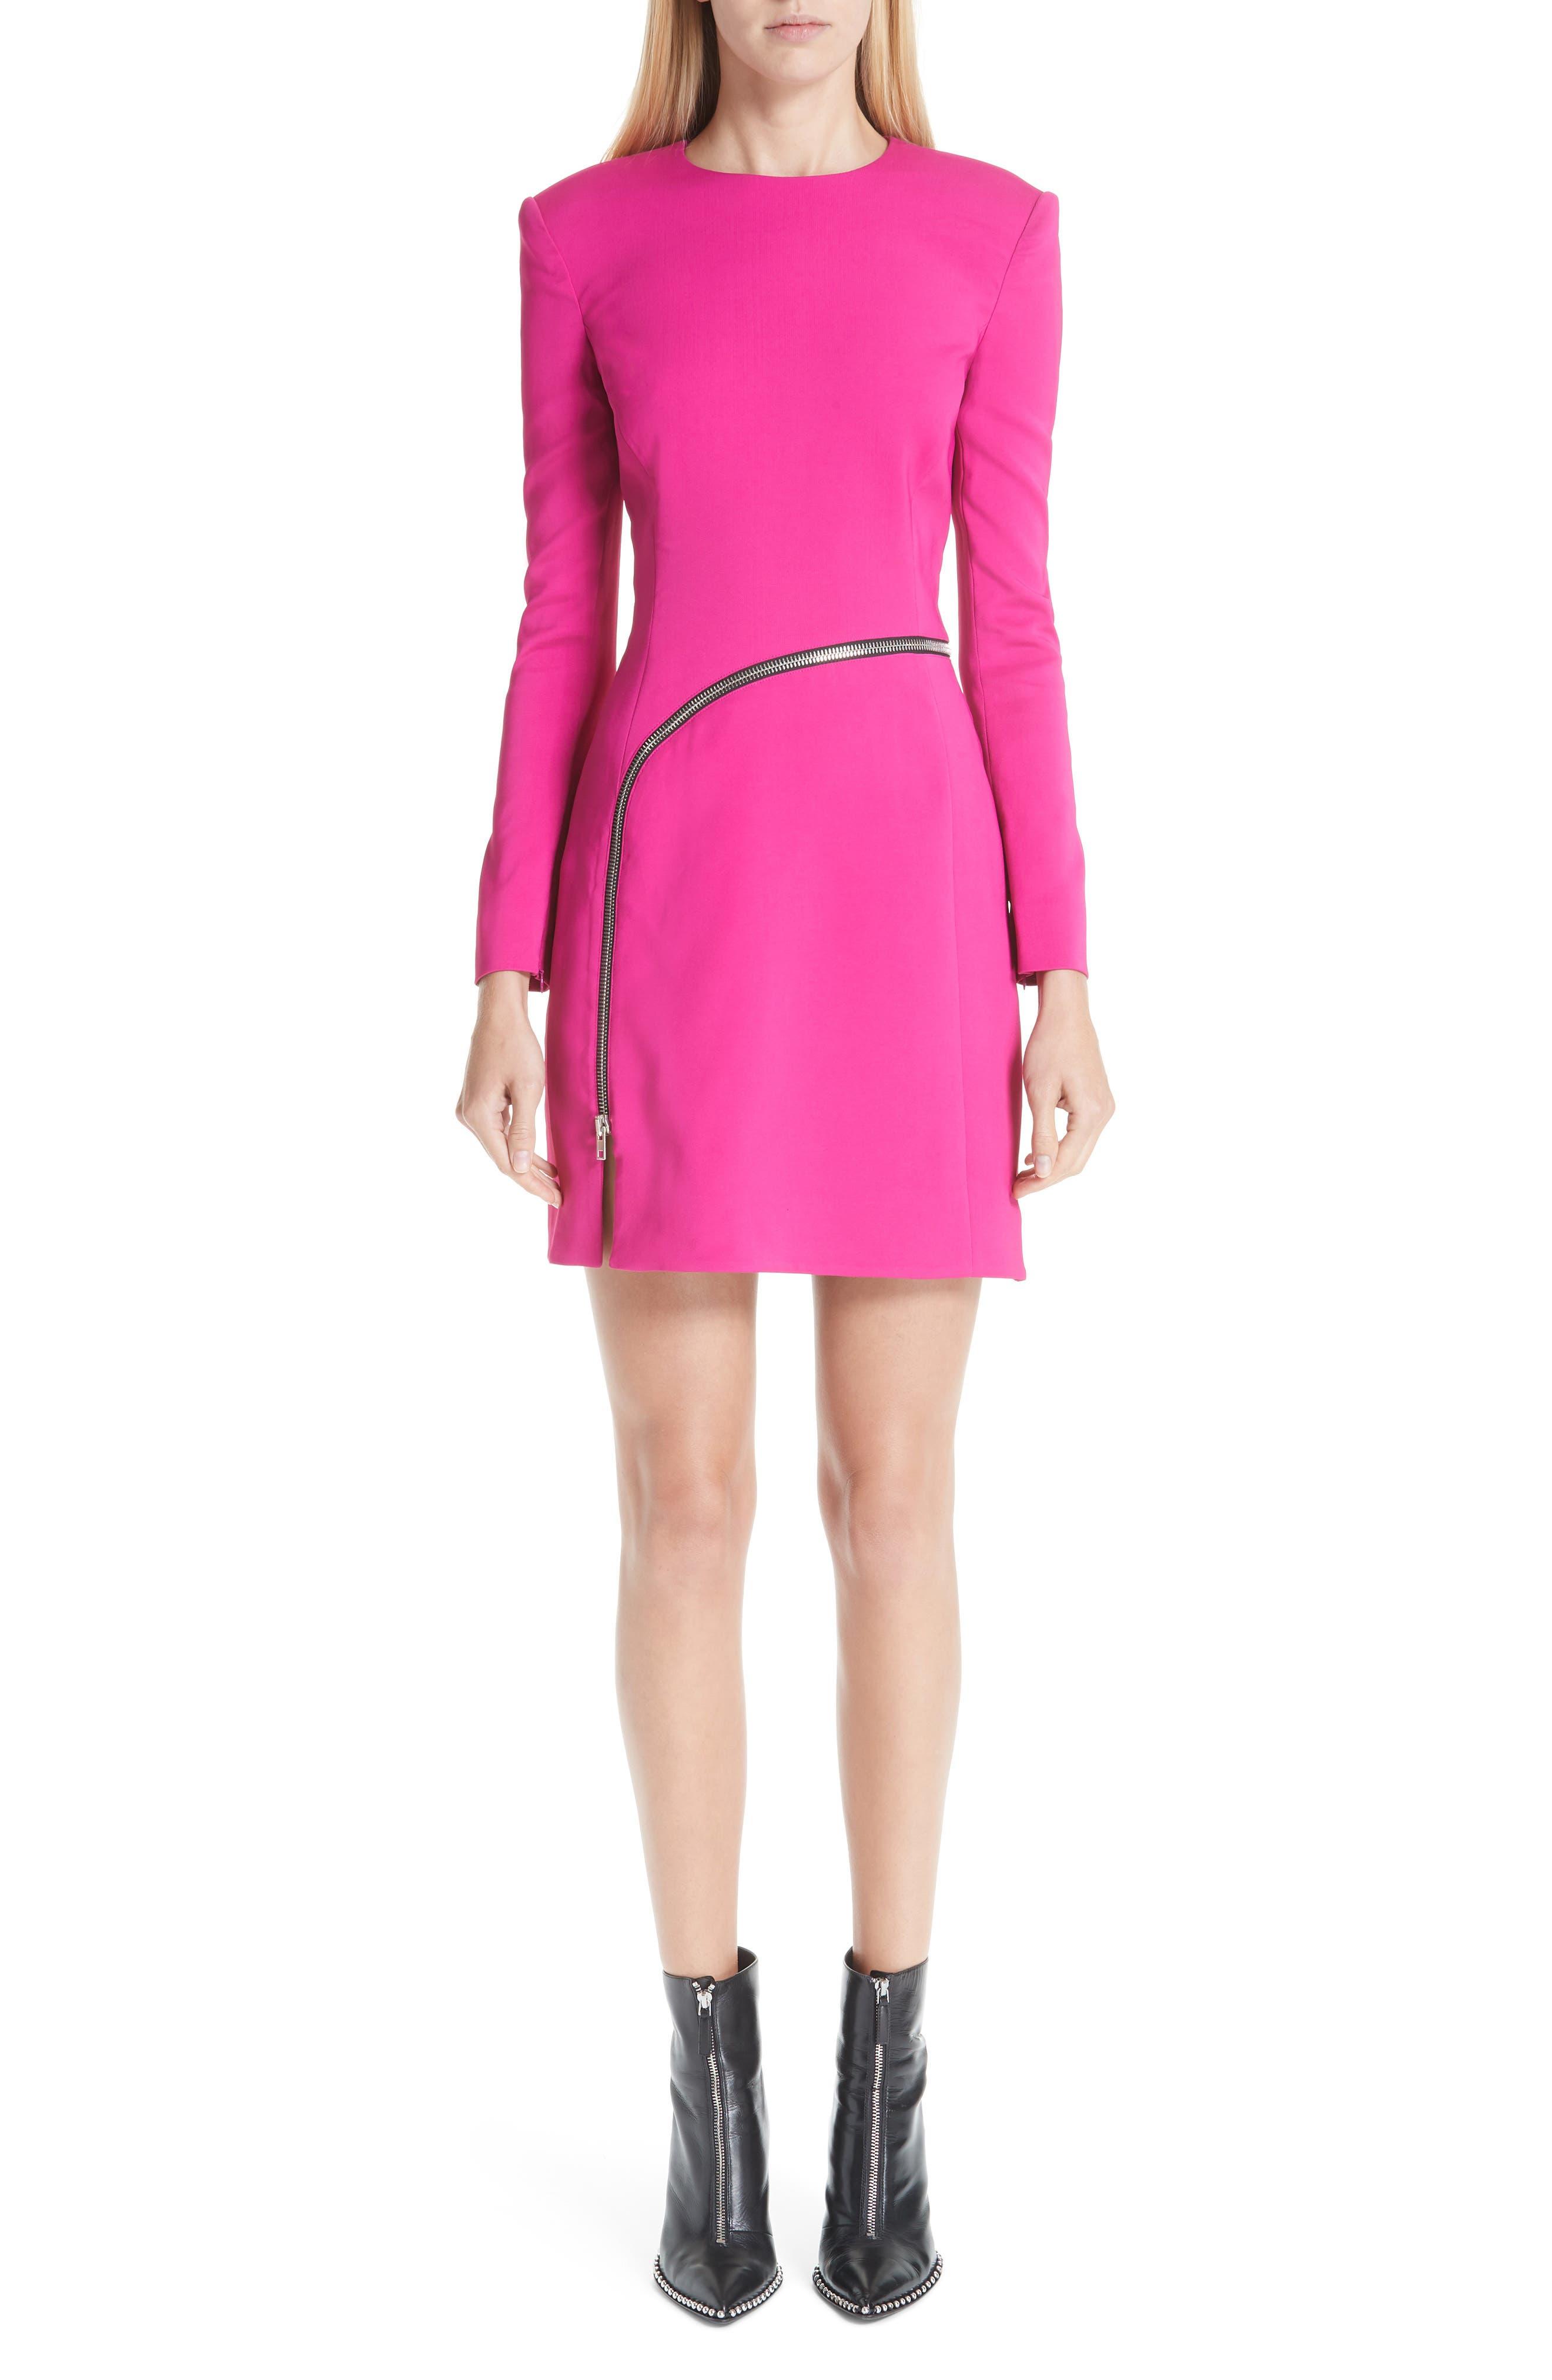 Alexander Wang Zipper Detail A-Line Dress, Pink